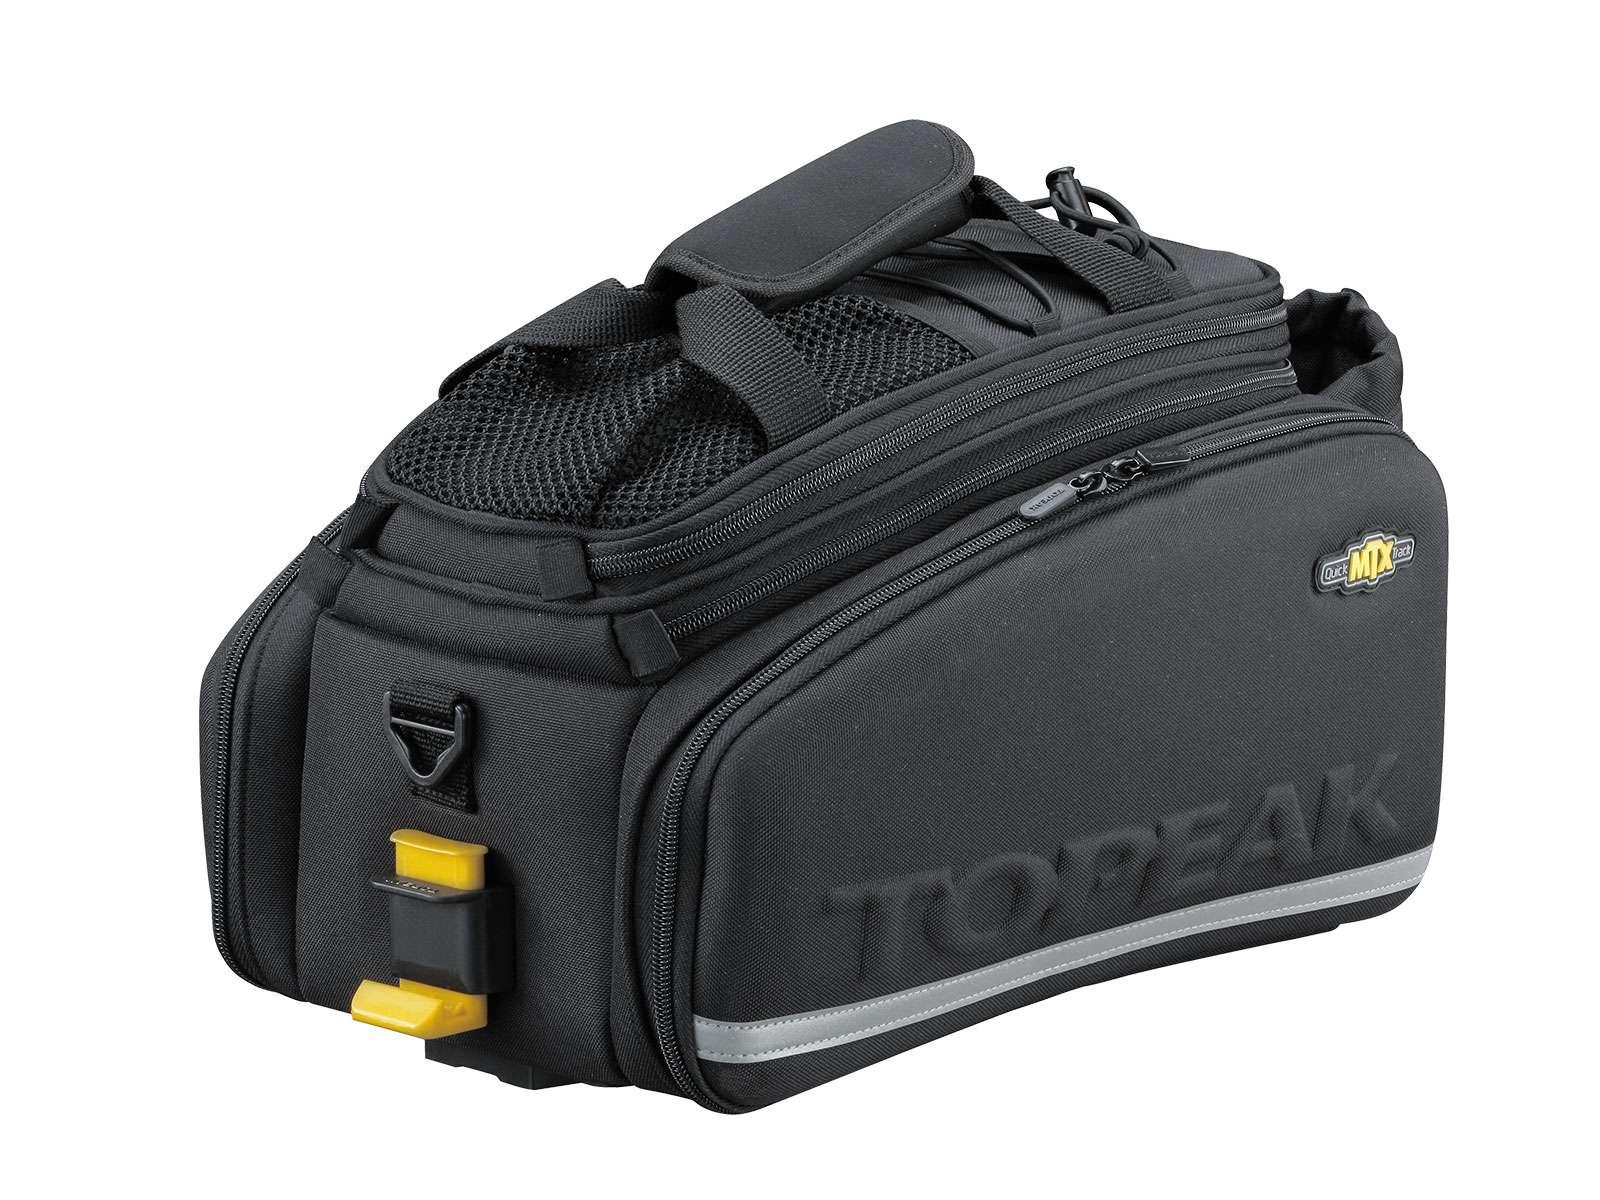 Alforge Topeak Mtx Trunk Bag Dxp Com Laterais Expanseis 22.6 Litros